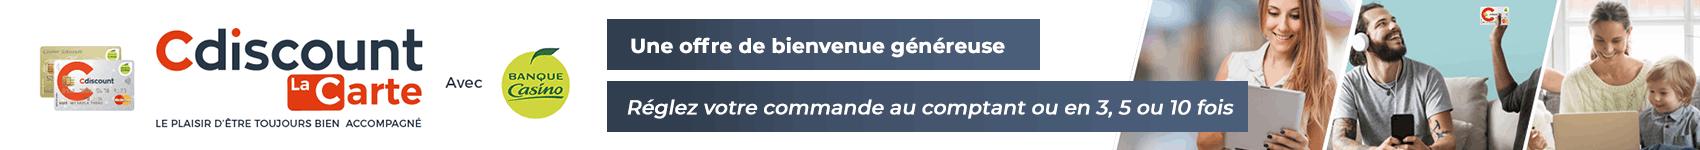 Carte Cdiscount Ficp.Carte Cdiscount Offre De Bienvenue Et Avantages